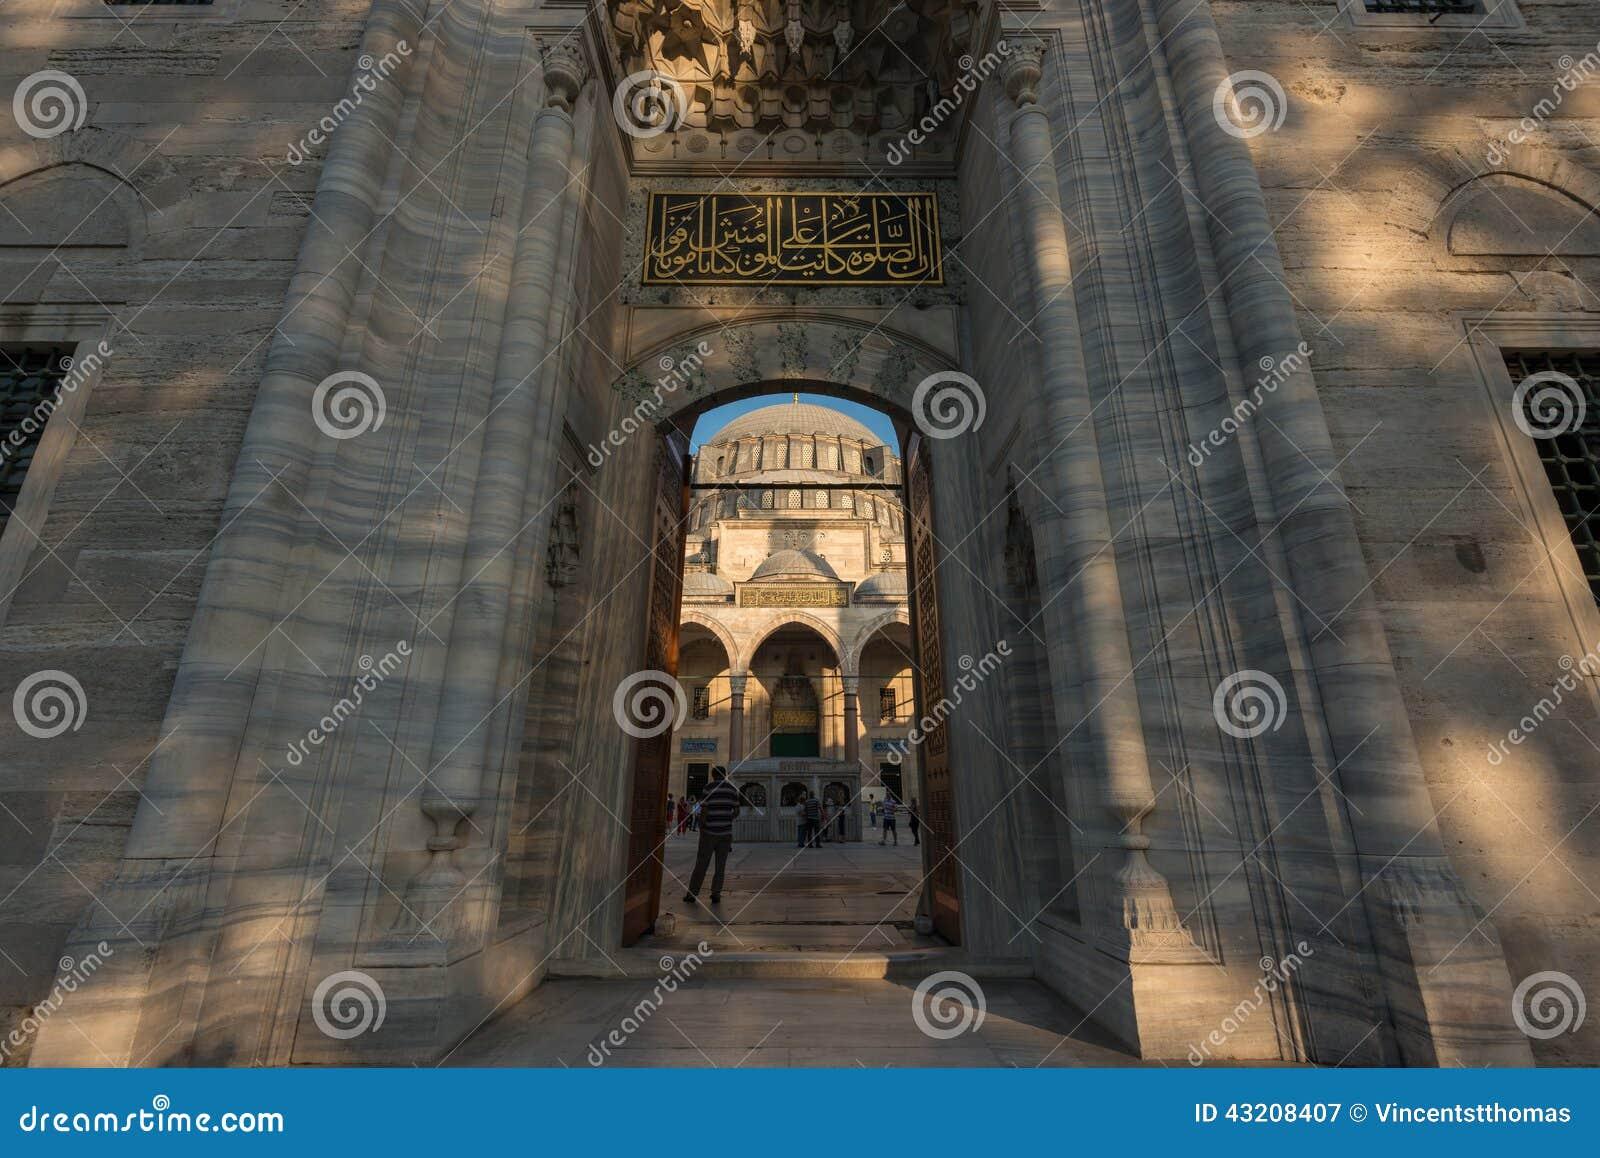 Download Suleymaniye moské fotografering för bildbyråer. Bild av detalj - 43208407